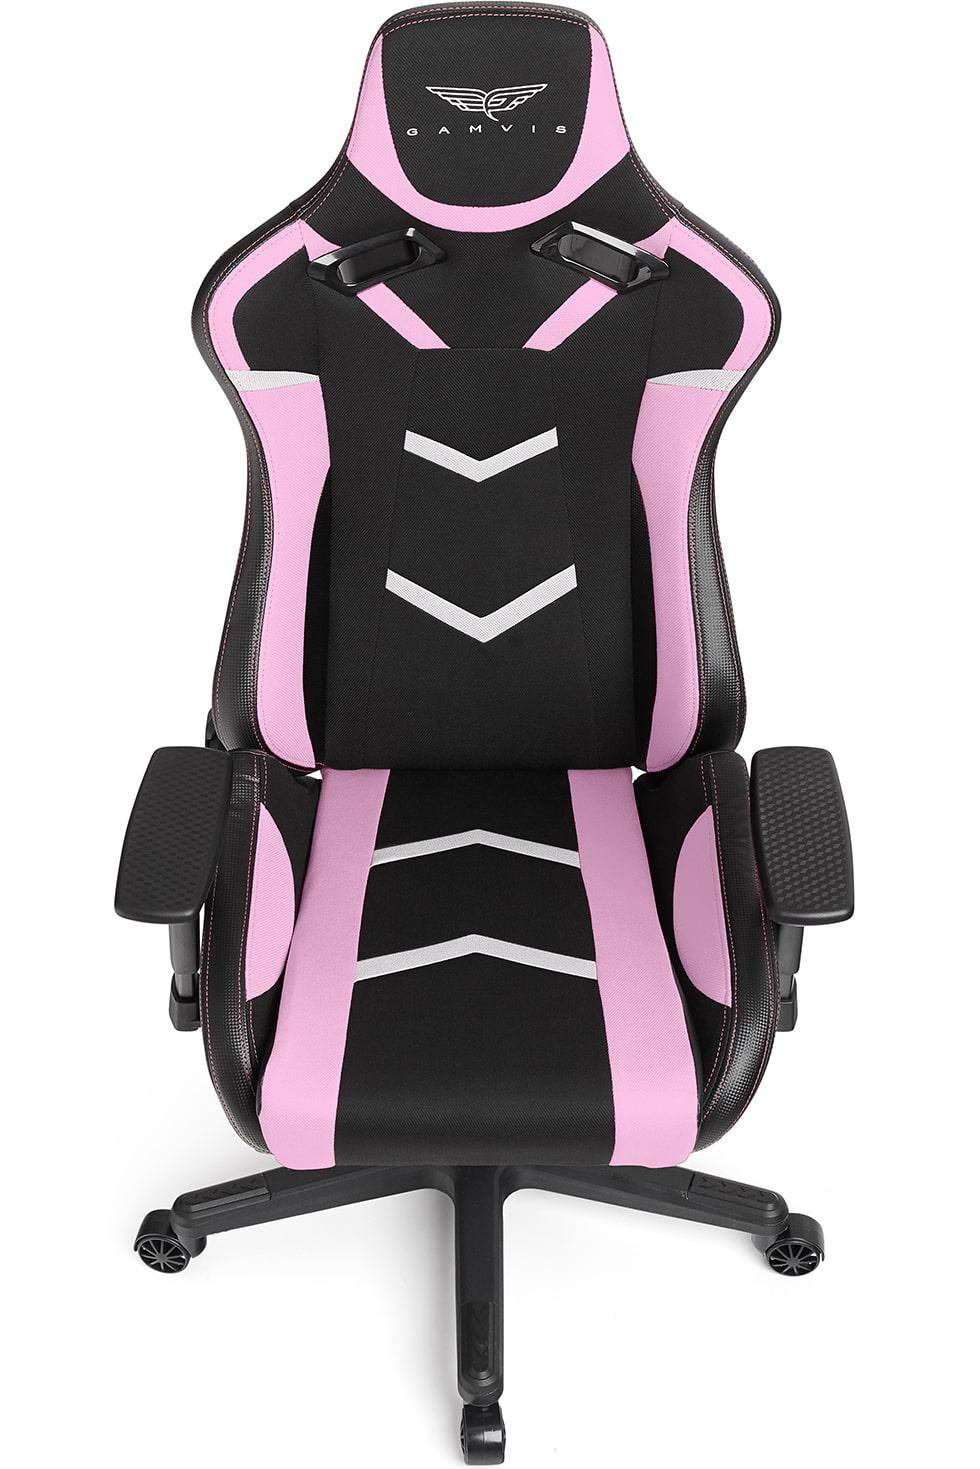 Materiałowy Fotel gamingowy Gamvis Furioso Różowy 9